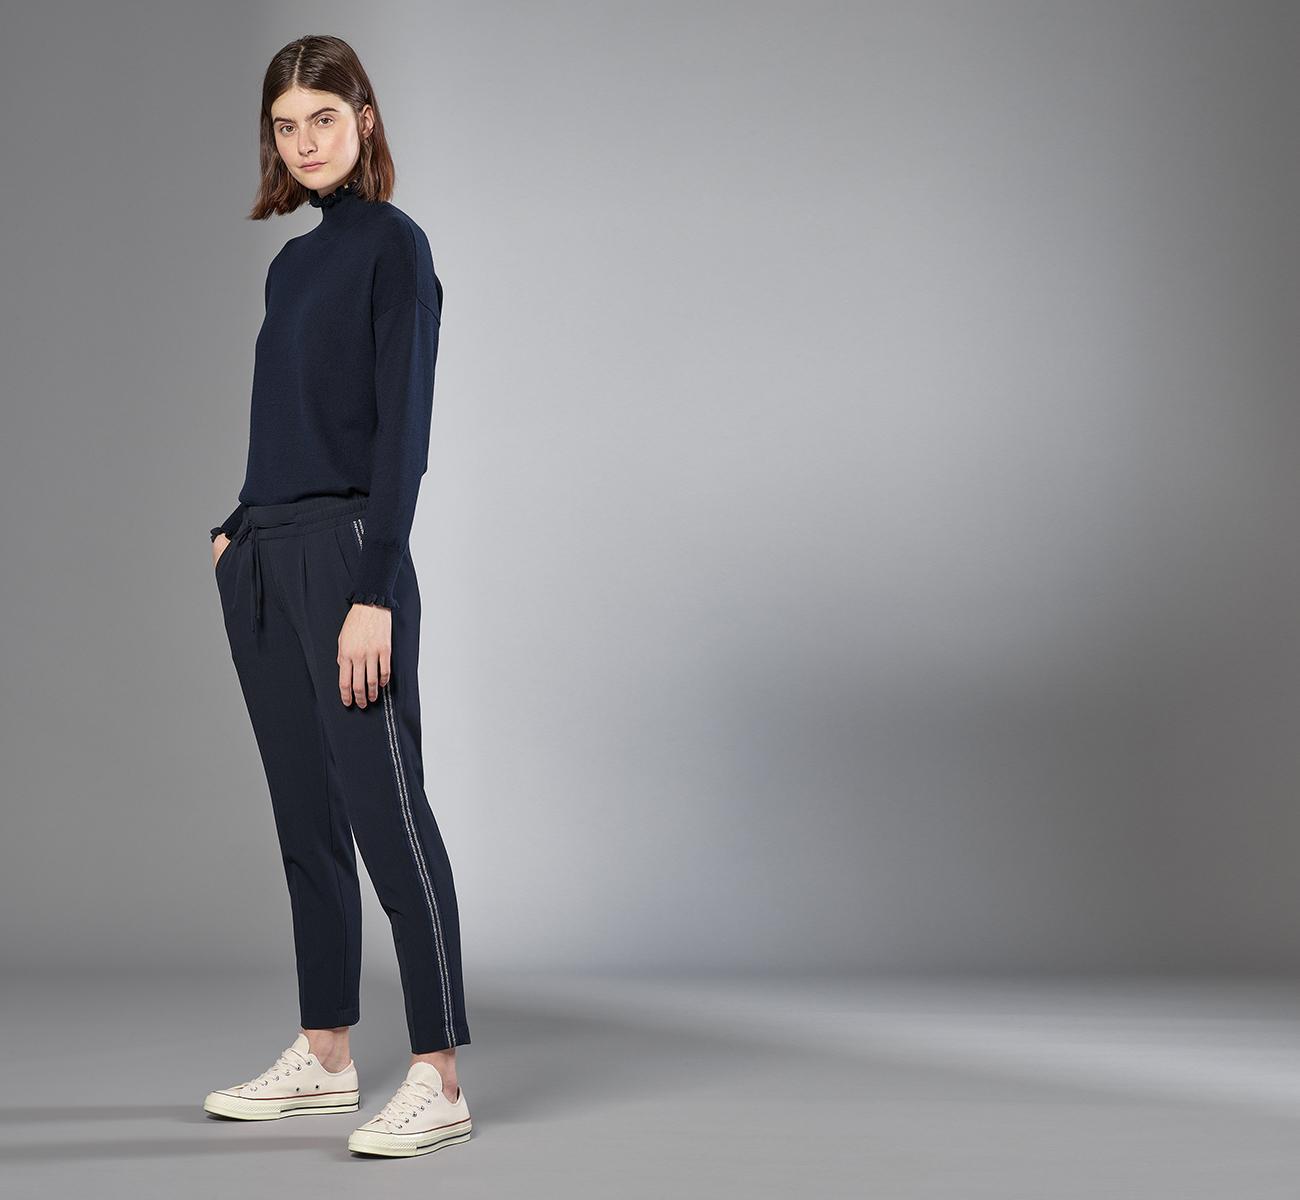 Anspruchsvoll Business Mode Damen Galerie Von Hand Picked Items The Edit